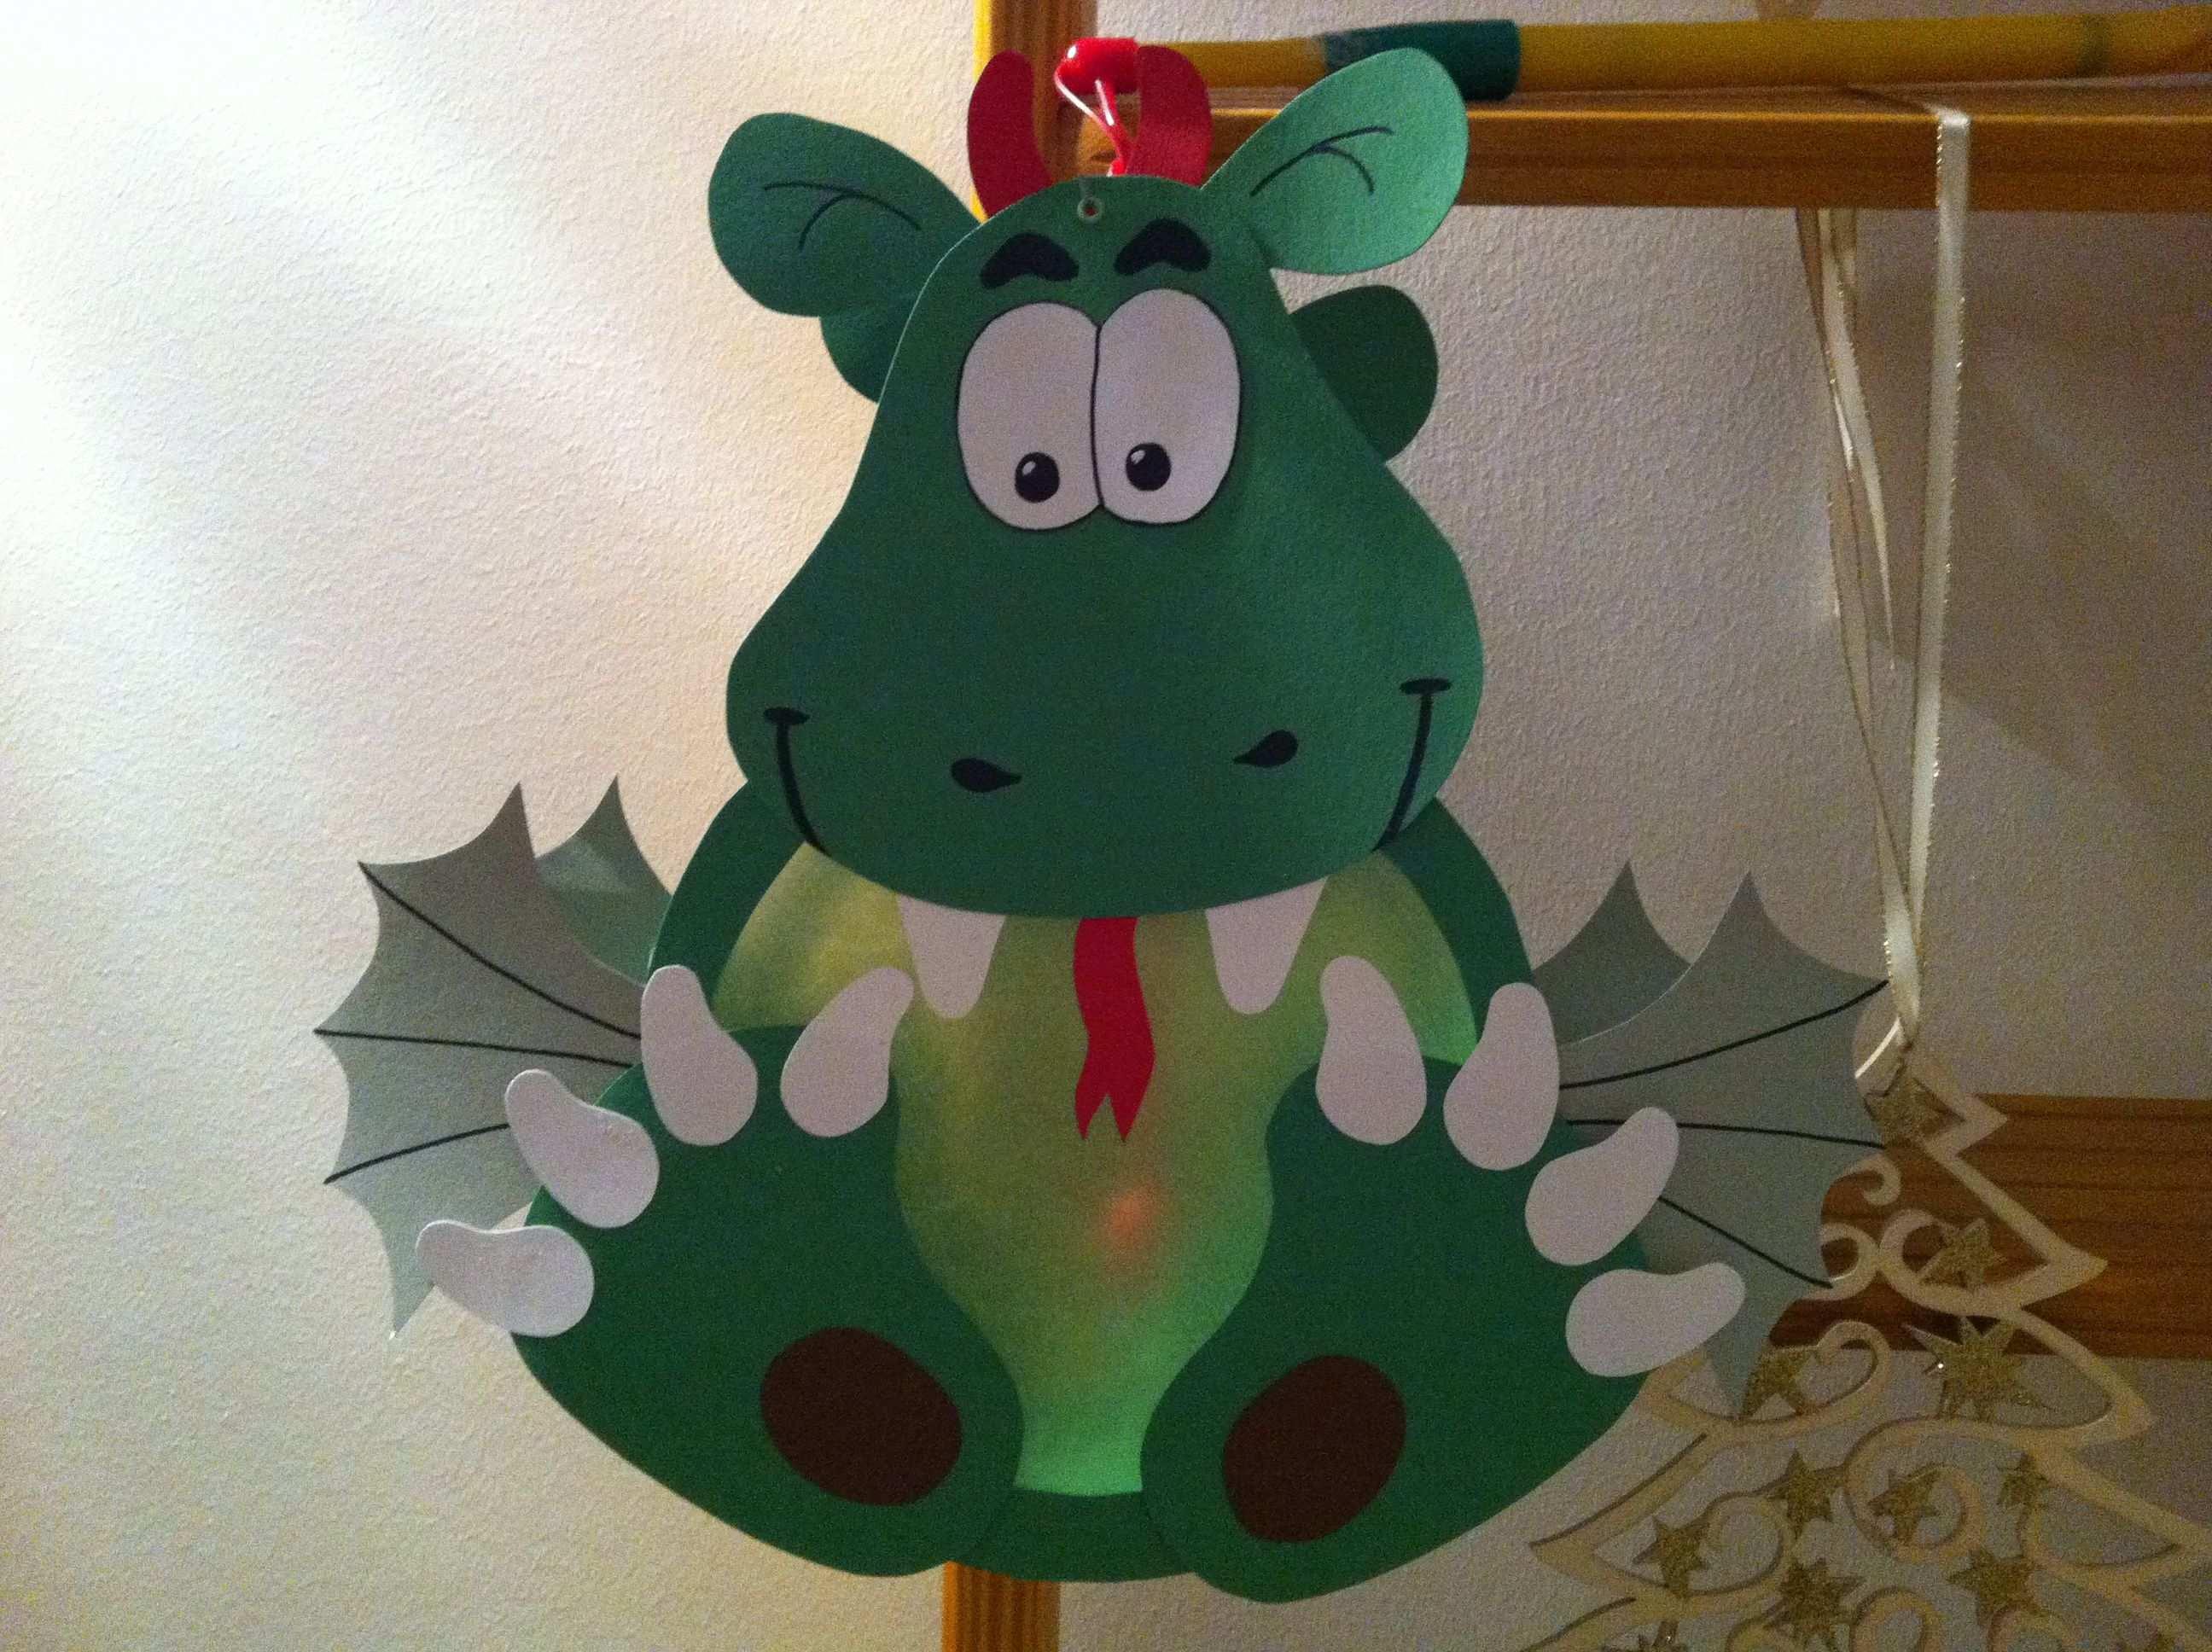 Dino Laterne Laternen Basteln Kinderleichte Laternen Basteln Basteln Weihnachten